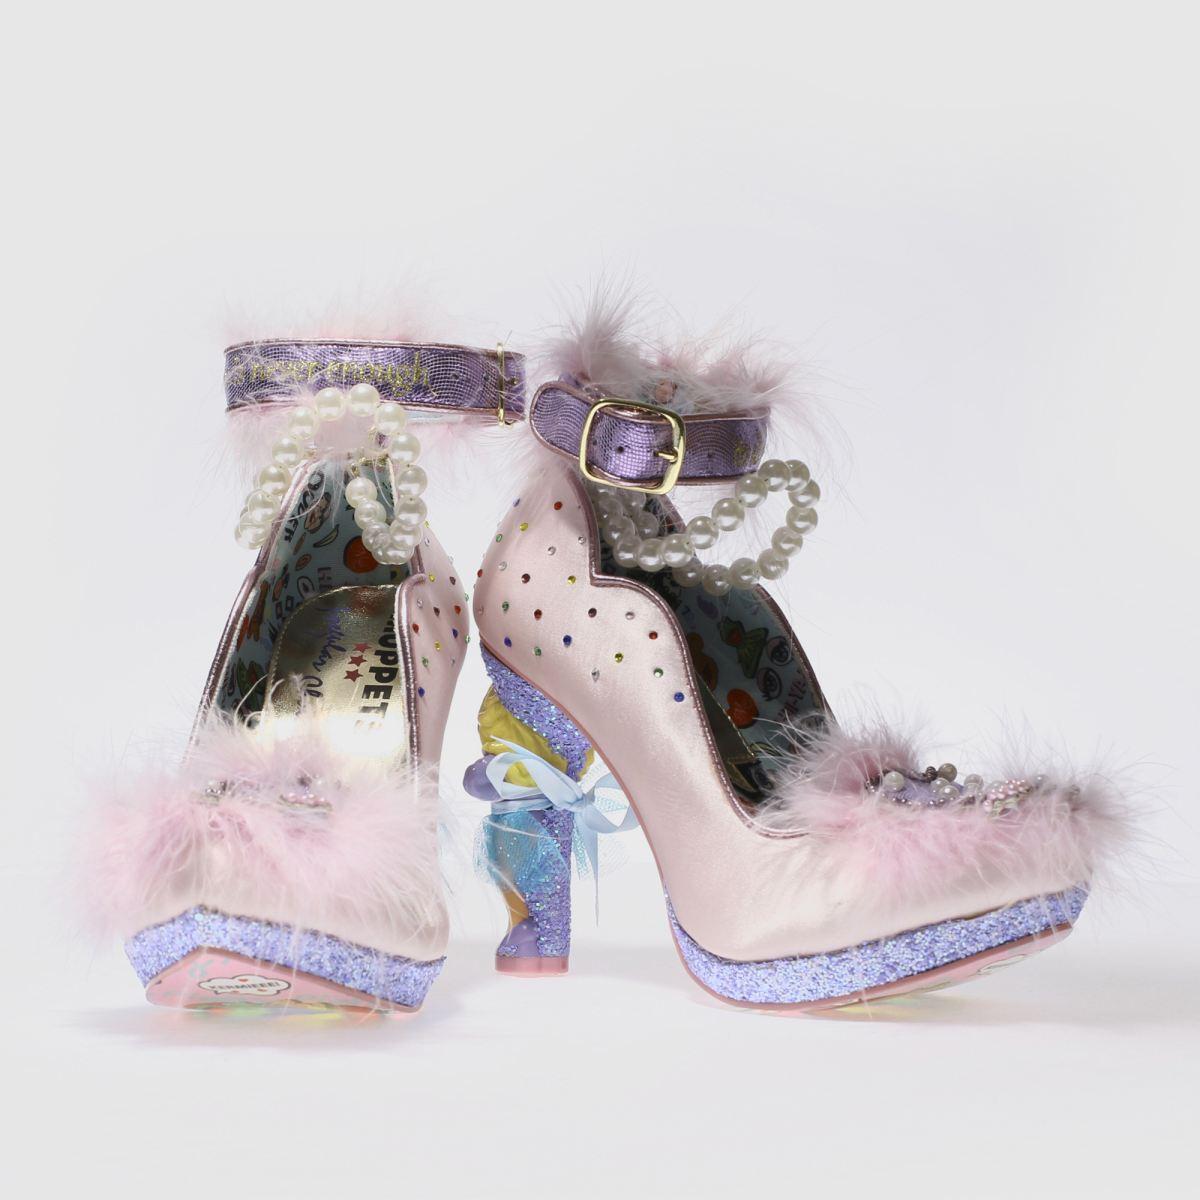 Damen Rosa All irregular choice Disney Muppets All Rosa About Moi High Heels | schuh Gute Qualität beliebte Schuhe 68af88